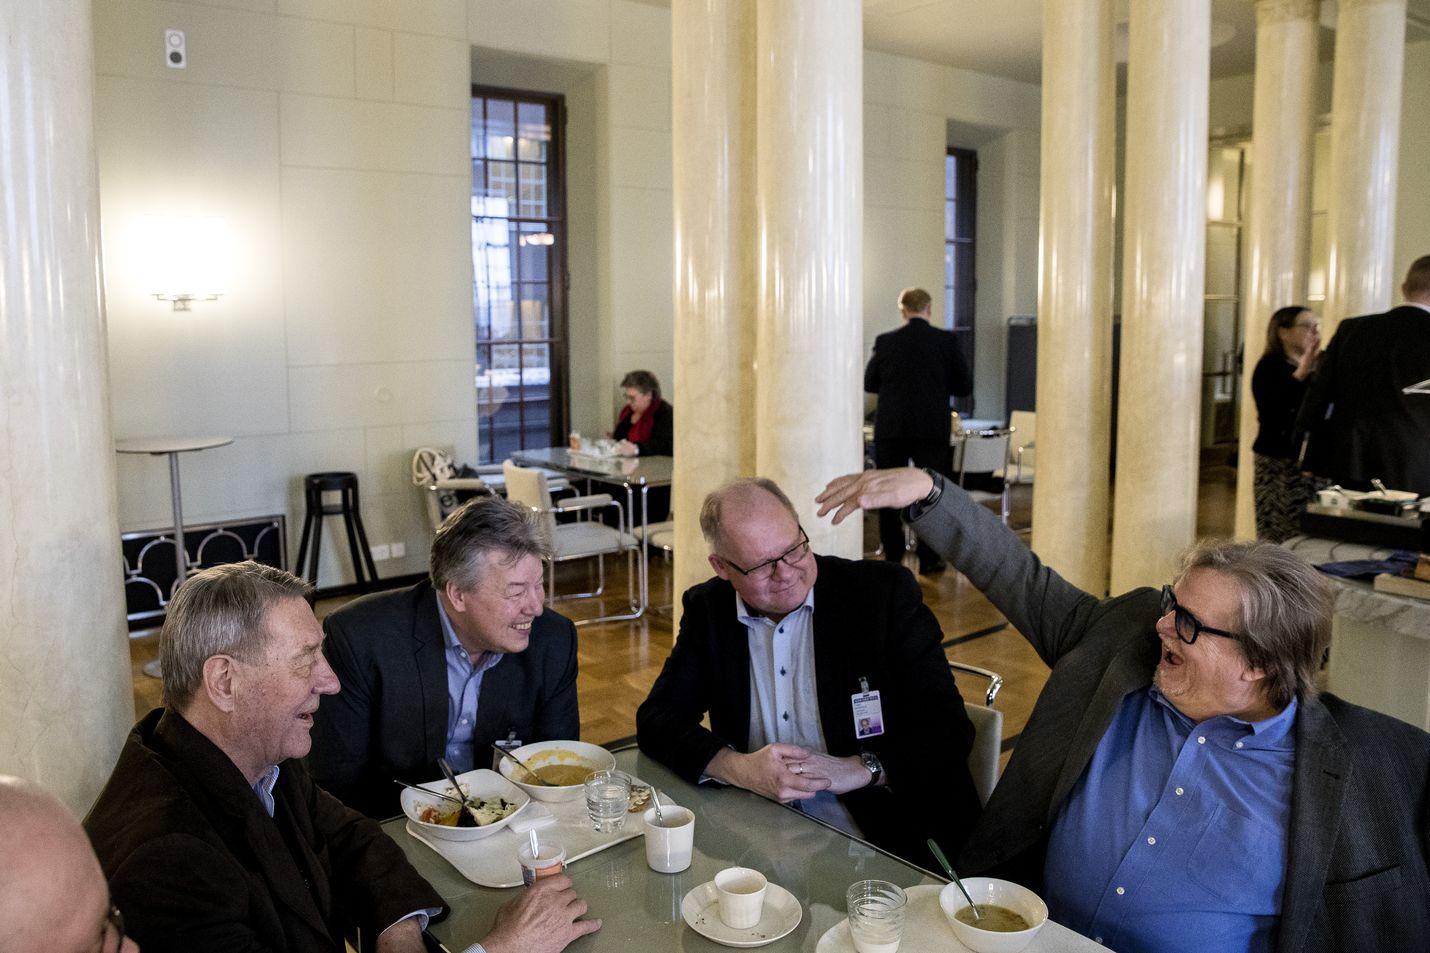 Eduskunnan kuppilassa kansanedustajat ja toimittajat viihtyvät samoissa pöydissä. Kauko Juhantalo, Jussi Kärki ja Timo Haapala kuuntelevat Alatalon tarinointia.